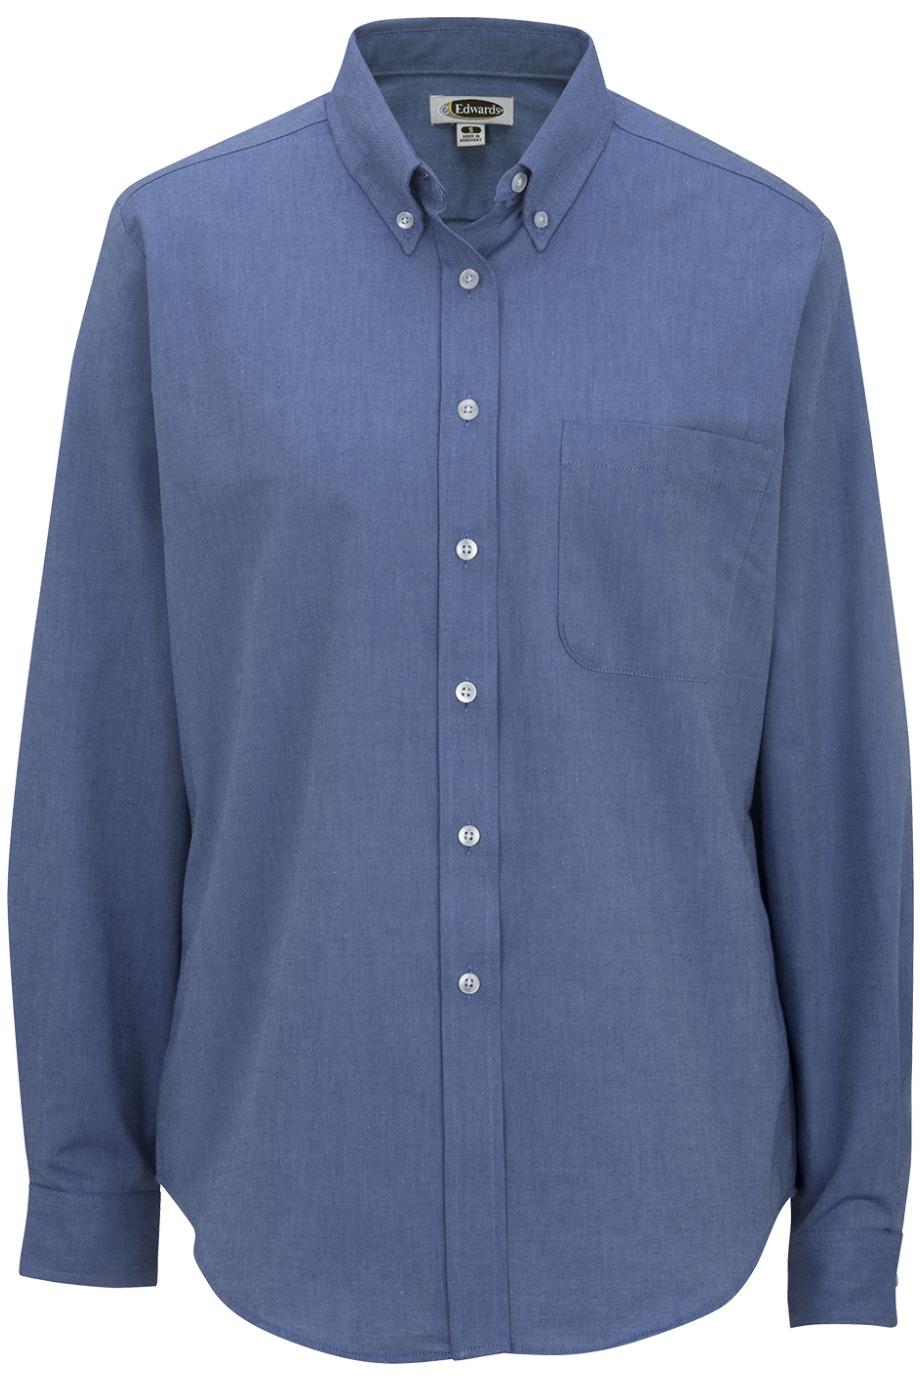 Edwards Garment 5077 - Women's Long Sleeve Dress Button ...